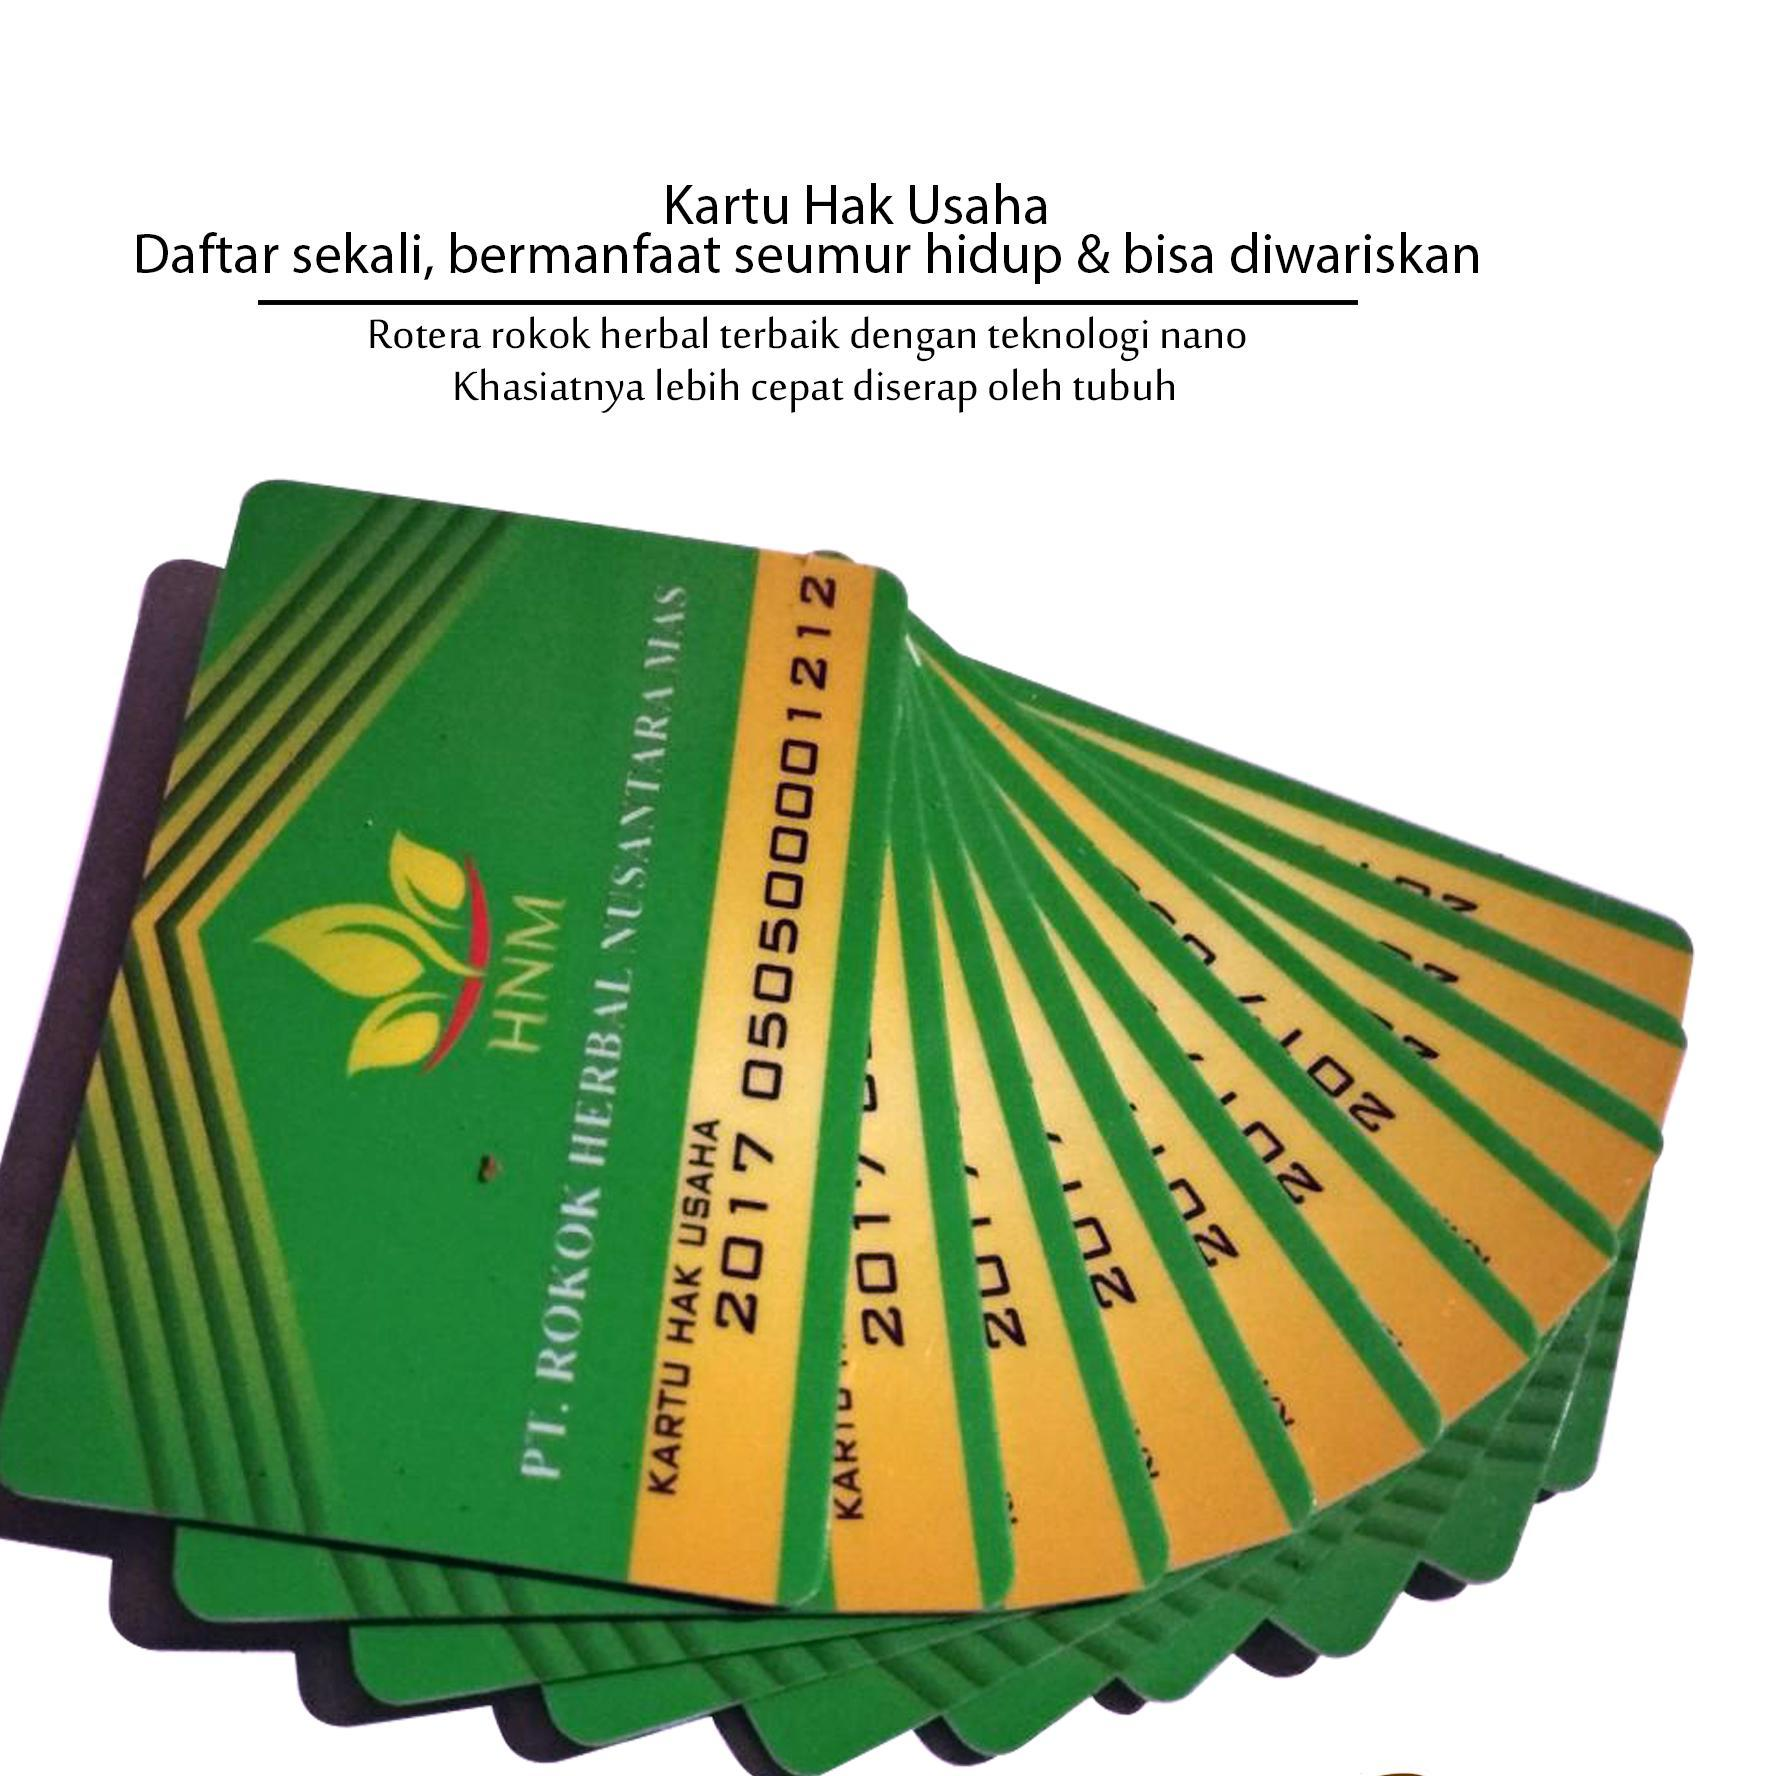 Kartu Member Dan Stokis Rokok Herbal Rotera - Berlaku Selamanya